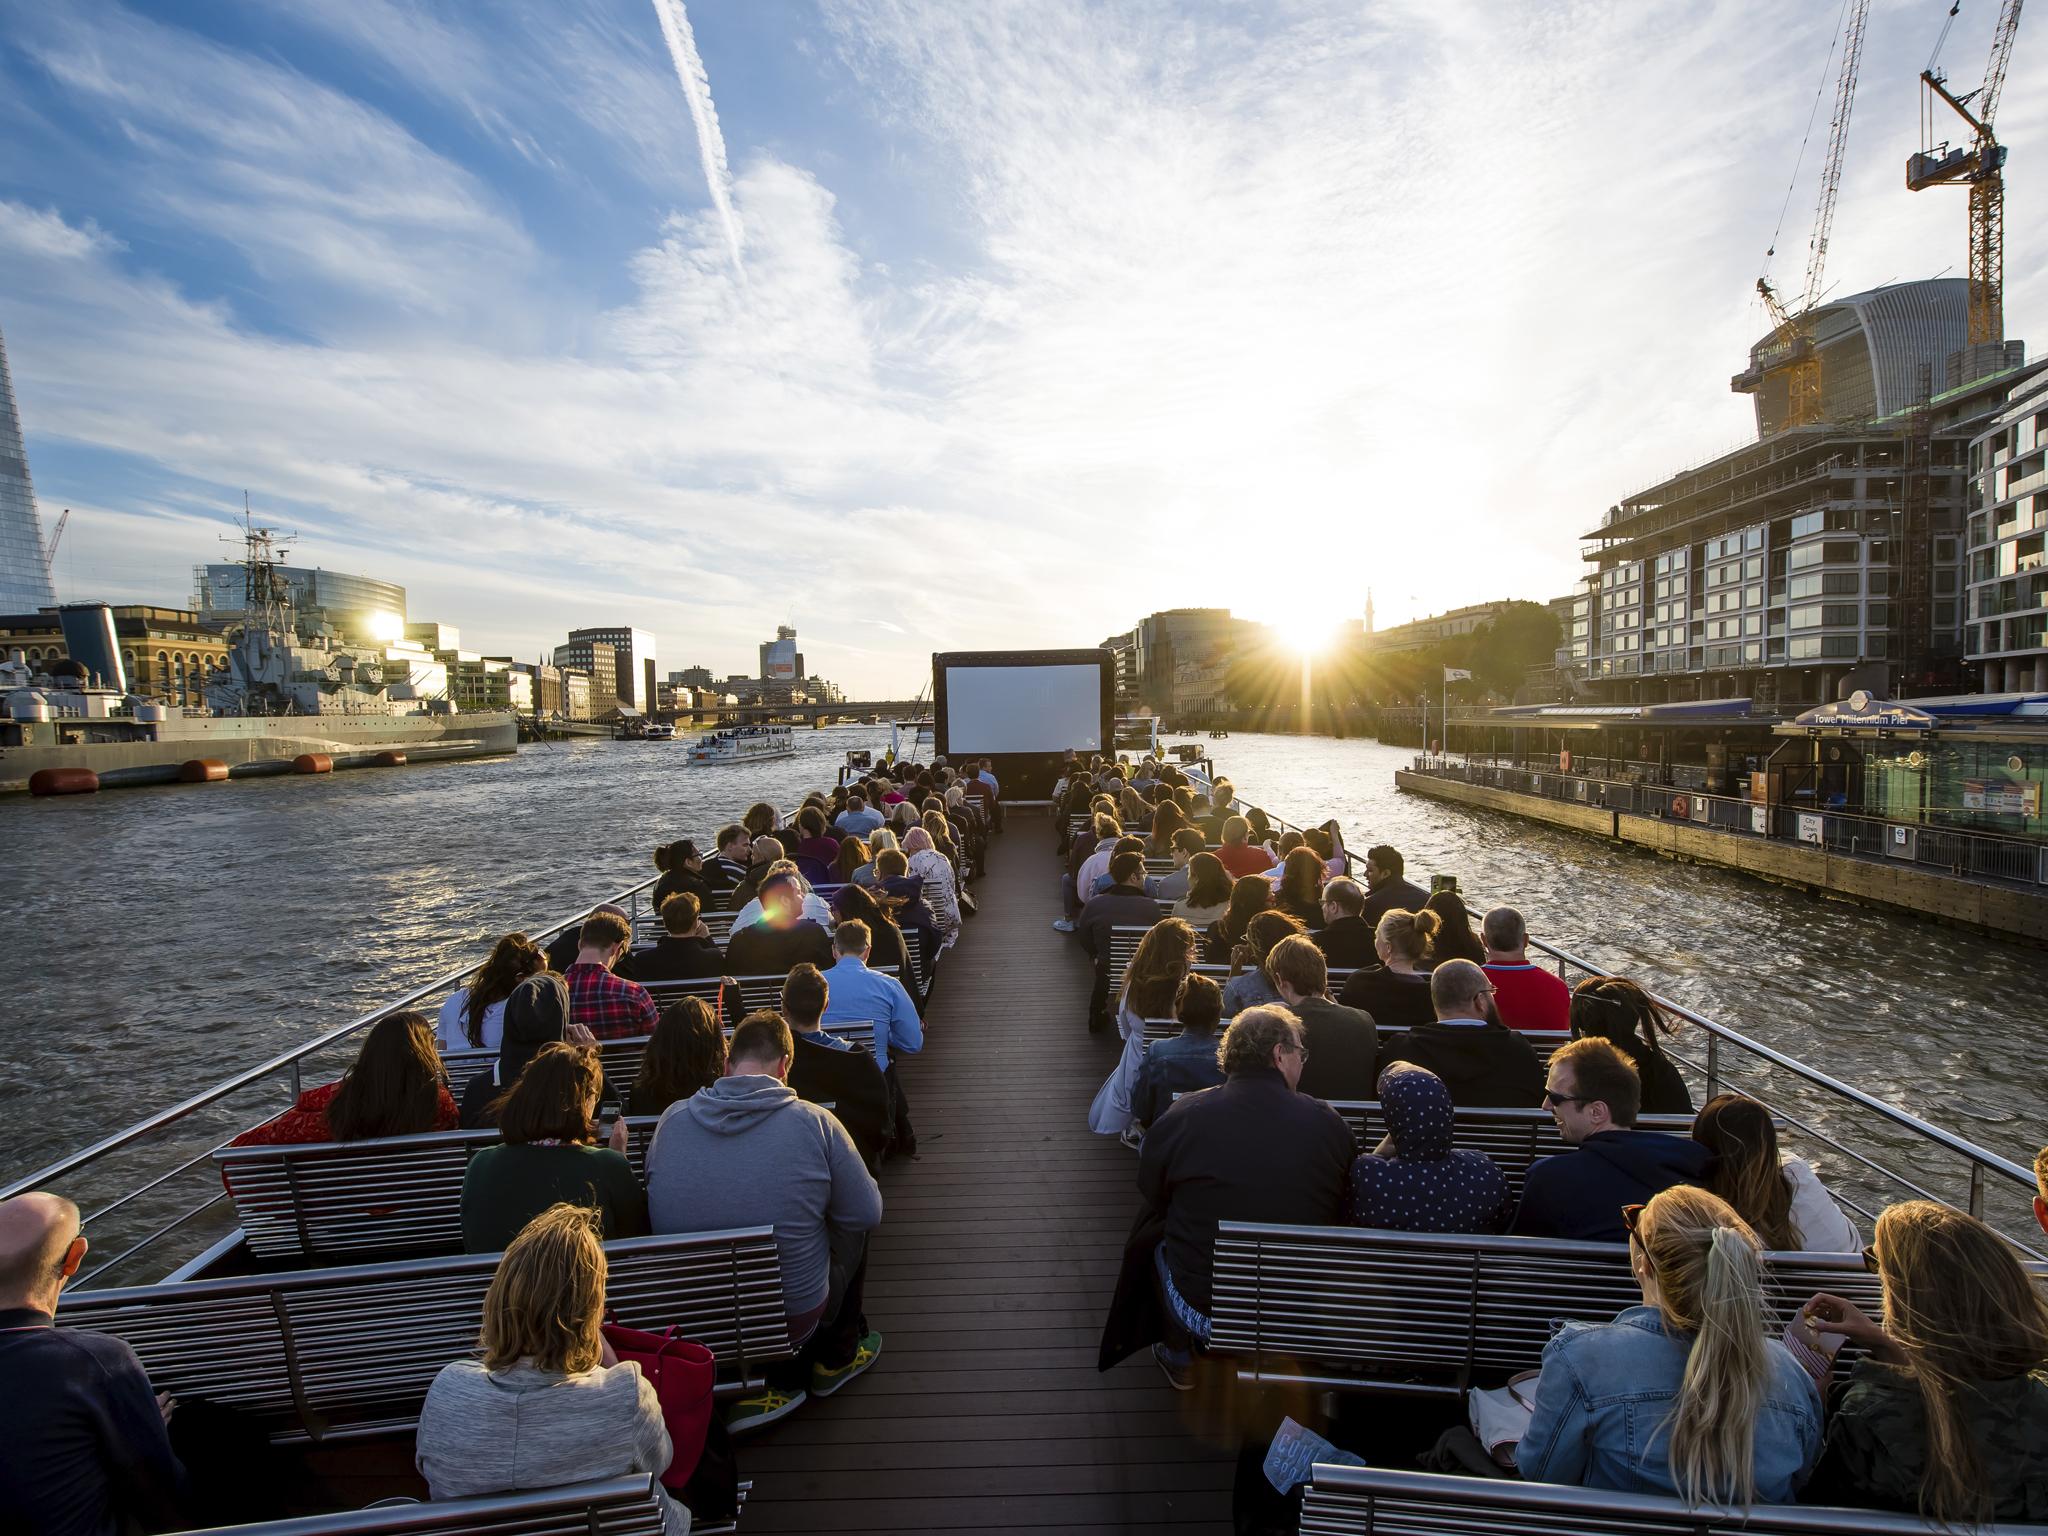 cinema no meio do rio em londres